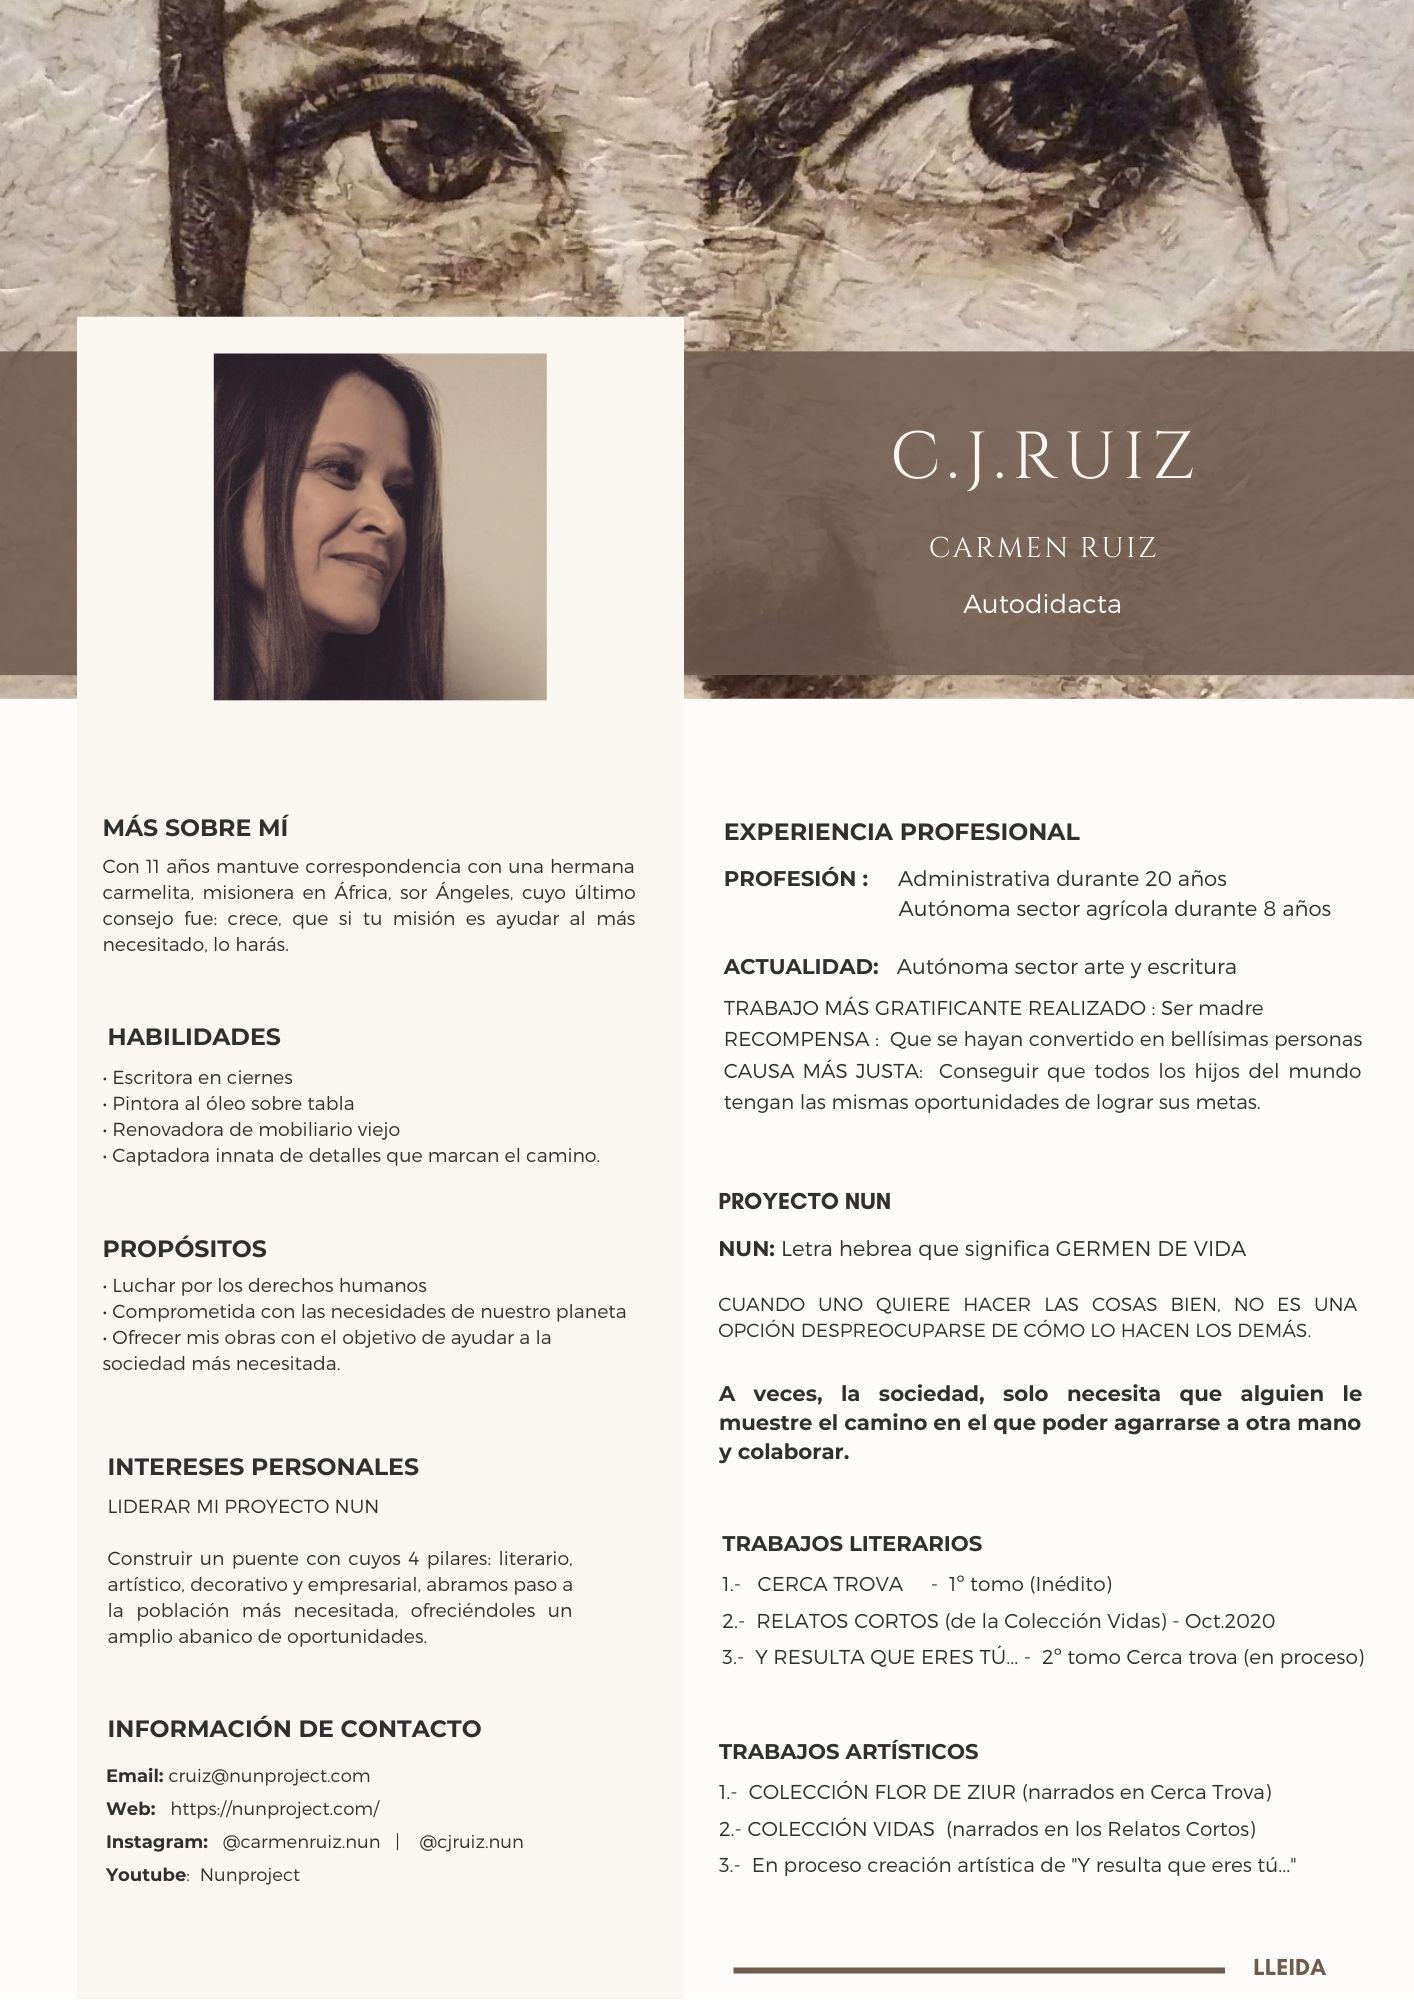 NUNPROJECT   C.J.RUIZ